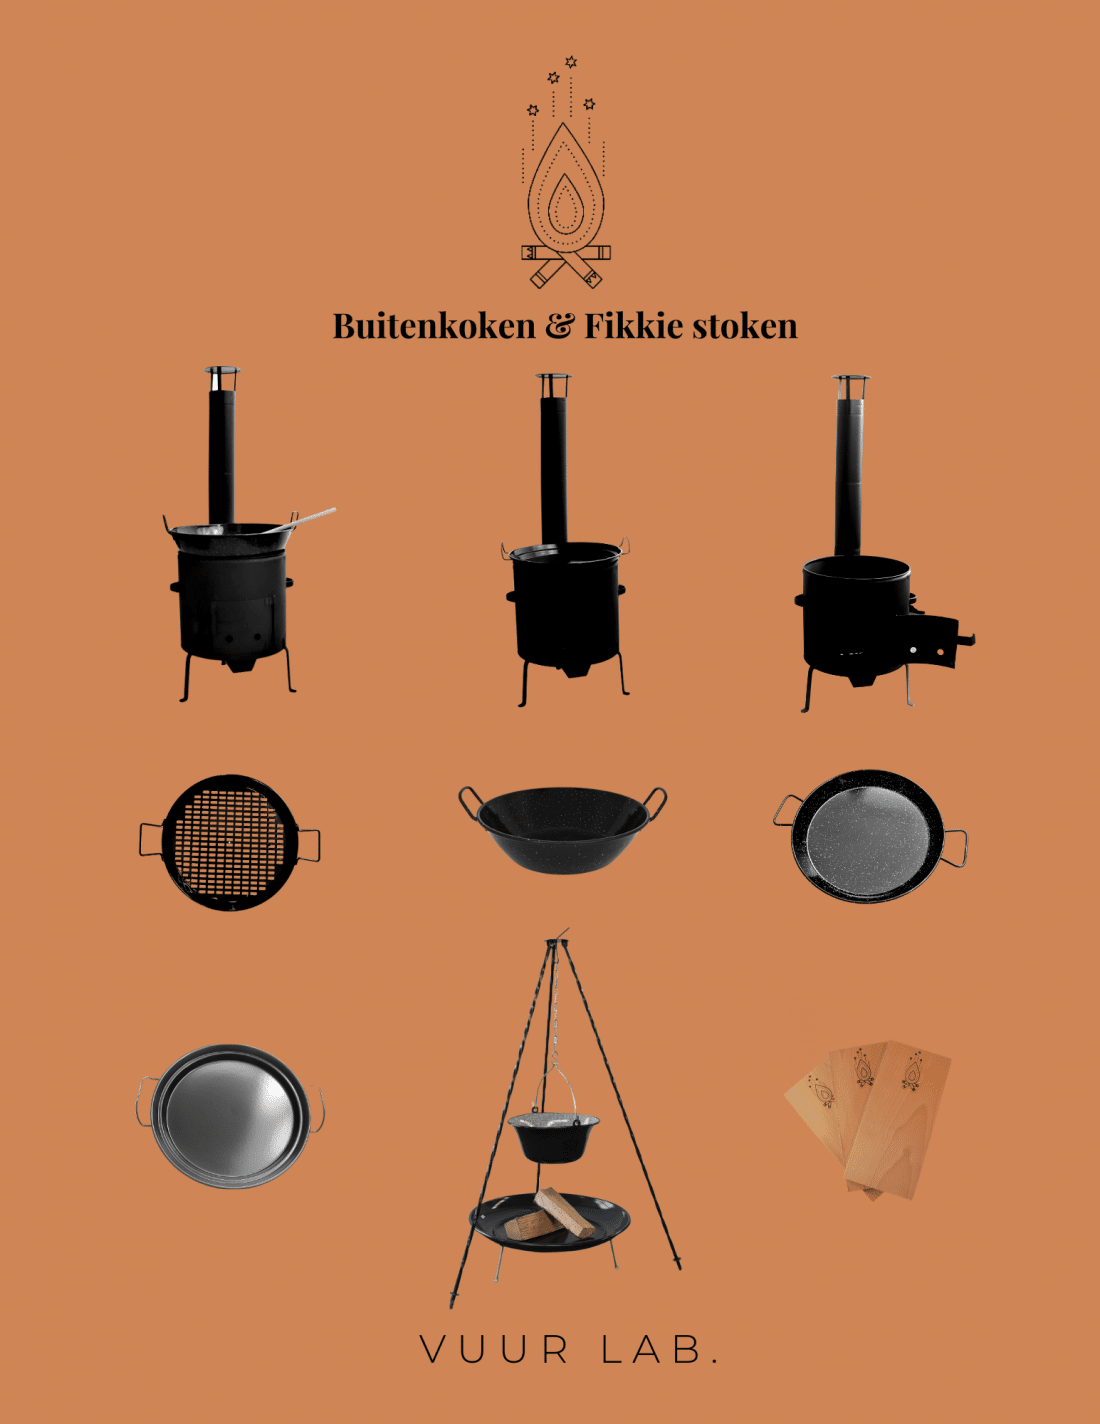 Collectie VUUR LAB. Buitenkoken & Fikkie stoken